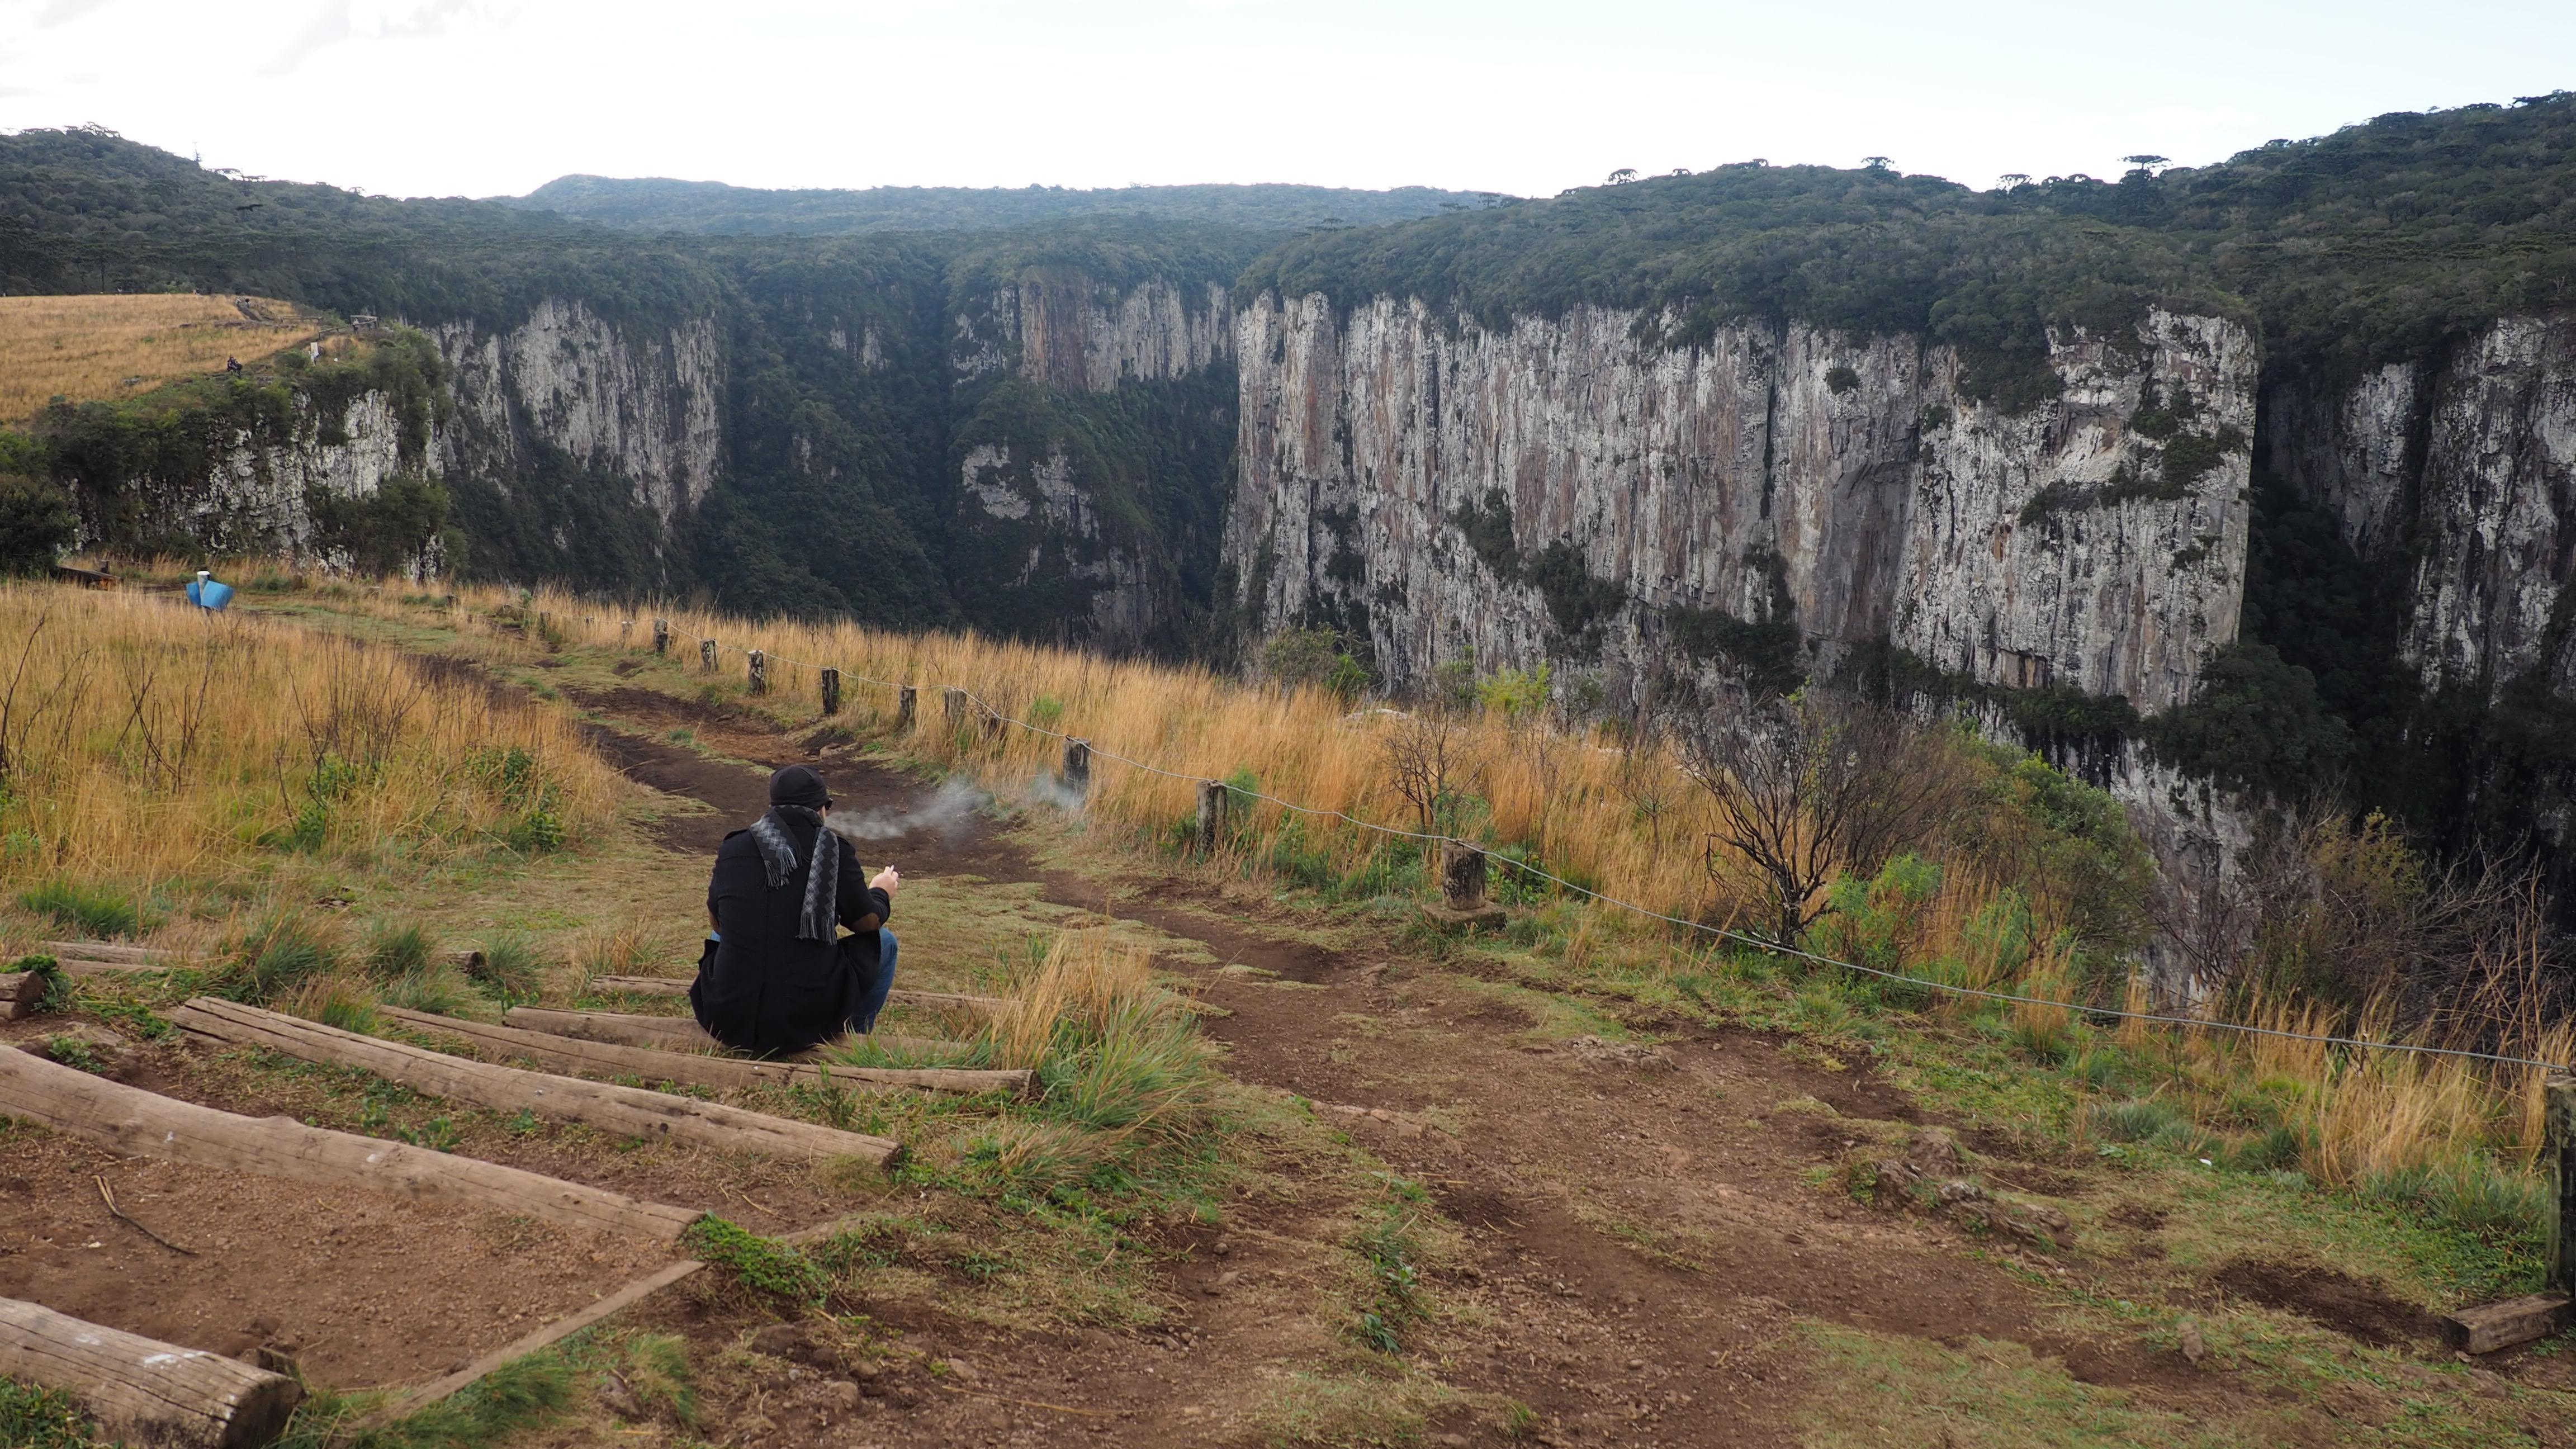 FInal del sendero del cañón de Itaimbezinho